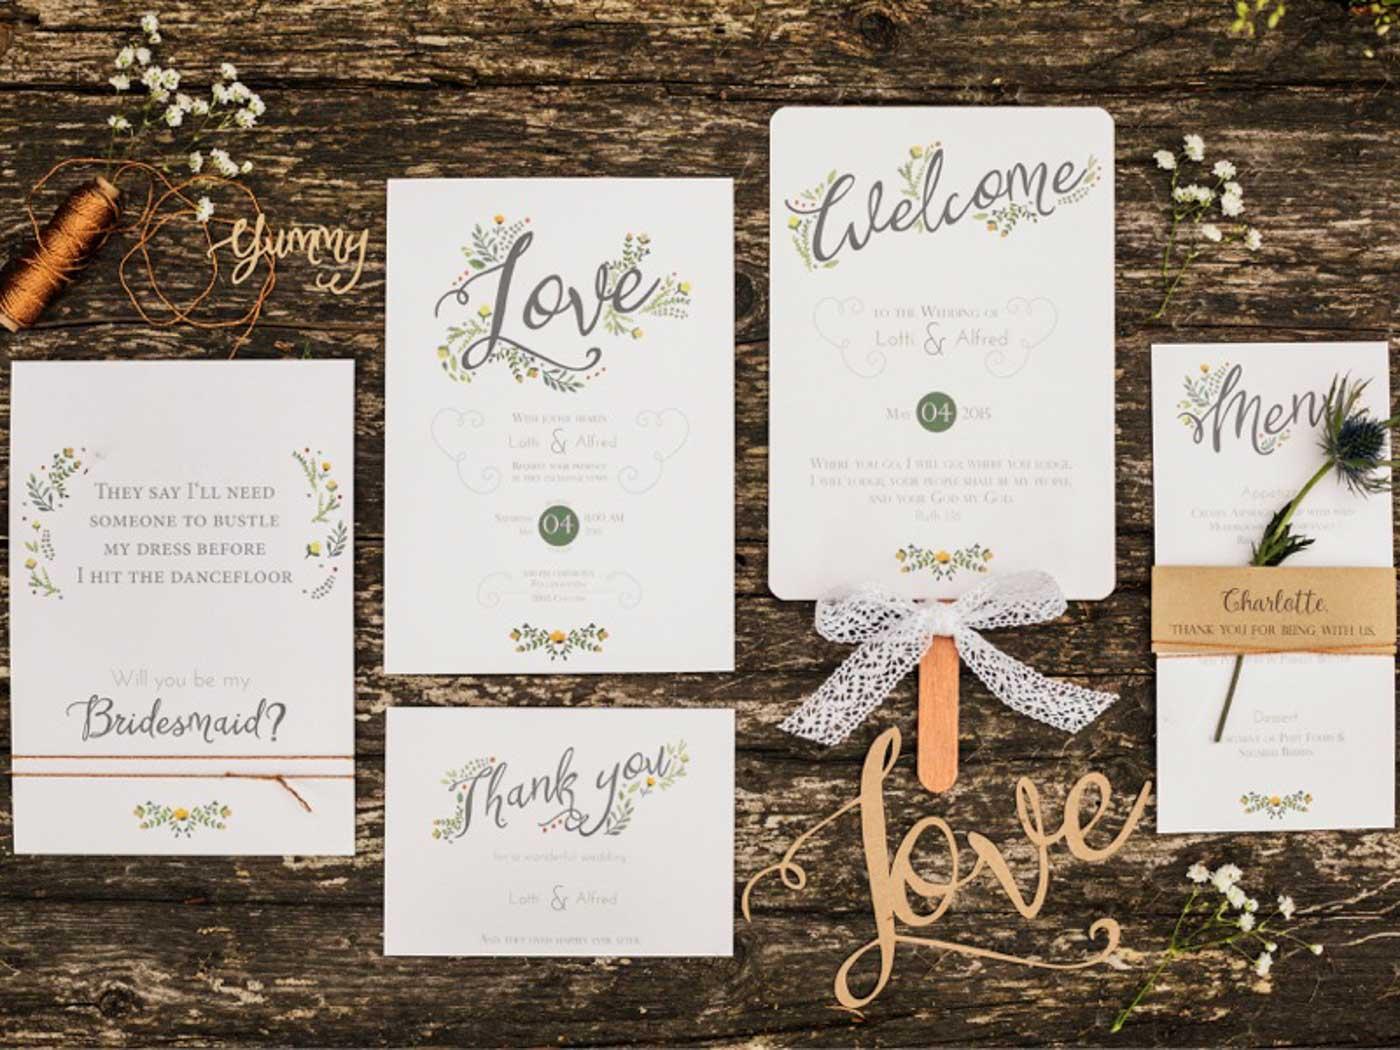 Traufabrik Papeterie - Hochzeitswahn - Sei inspiriert! - Einladungskarten Hochzeit Frankfurt